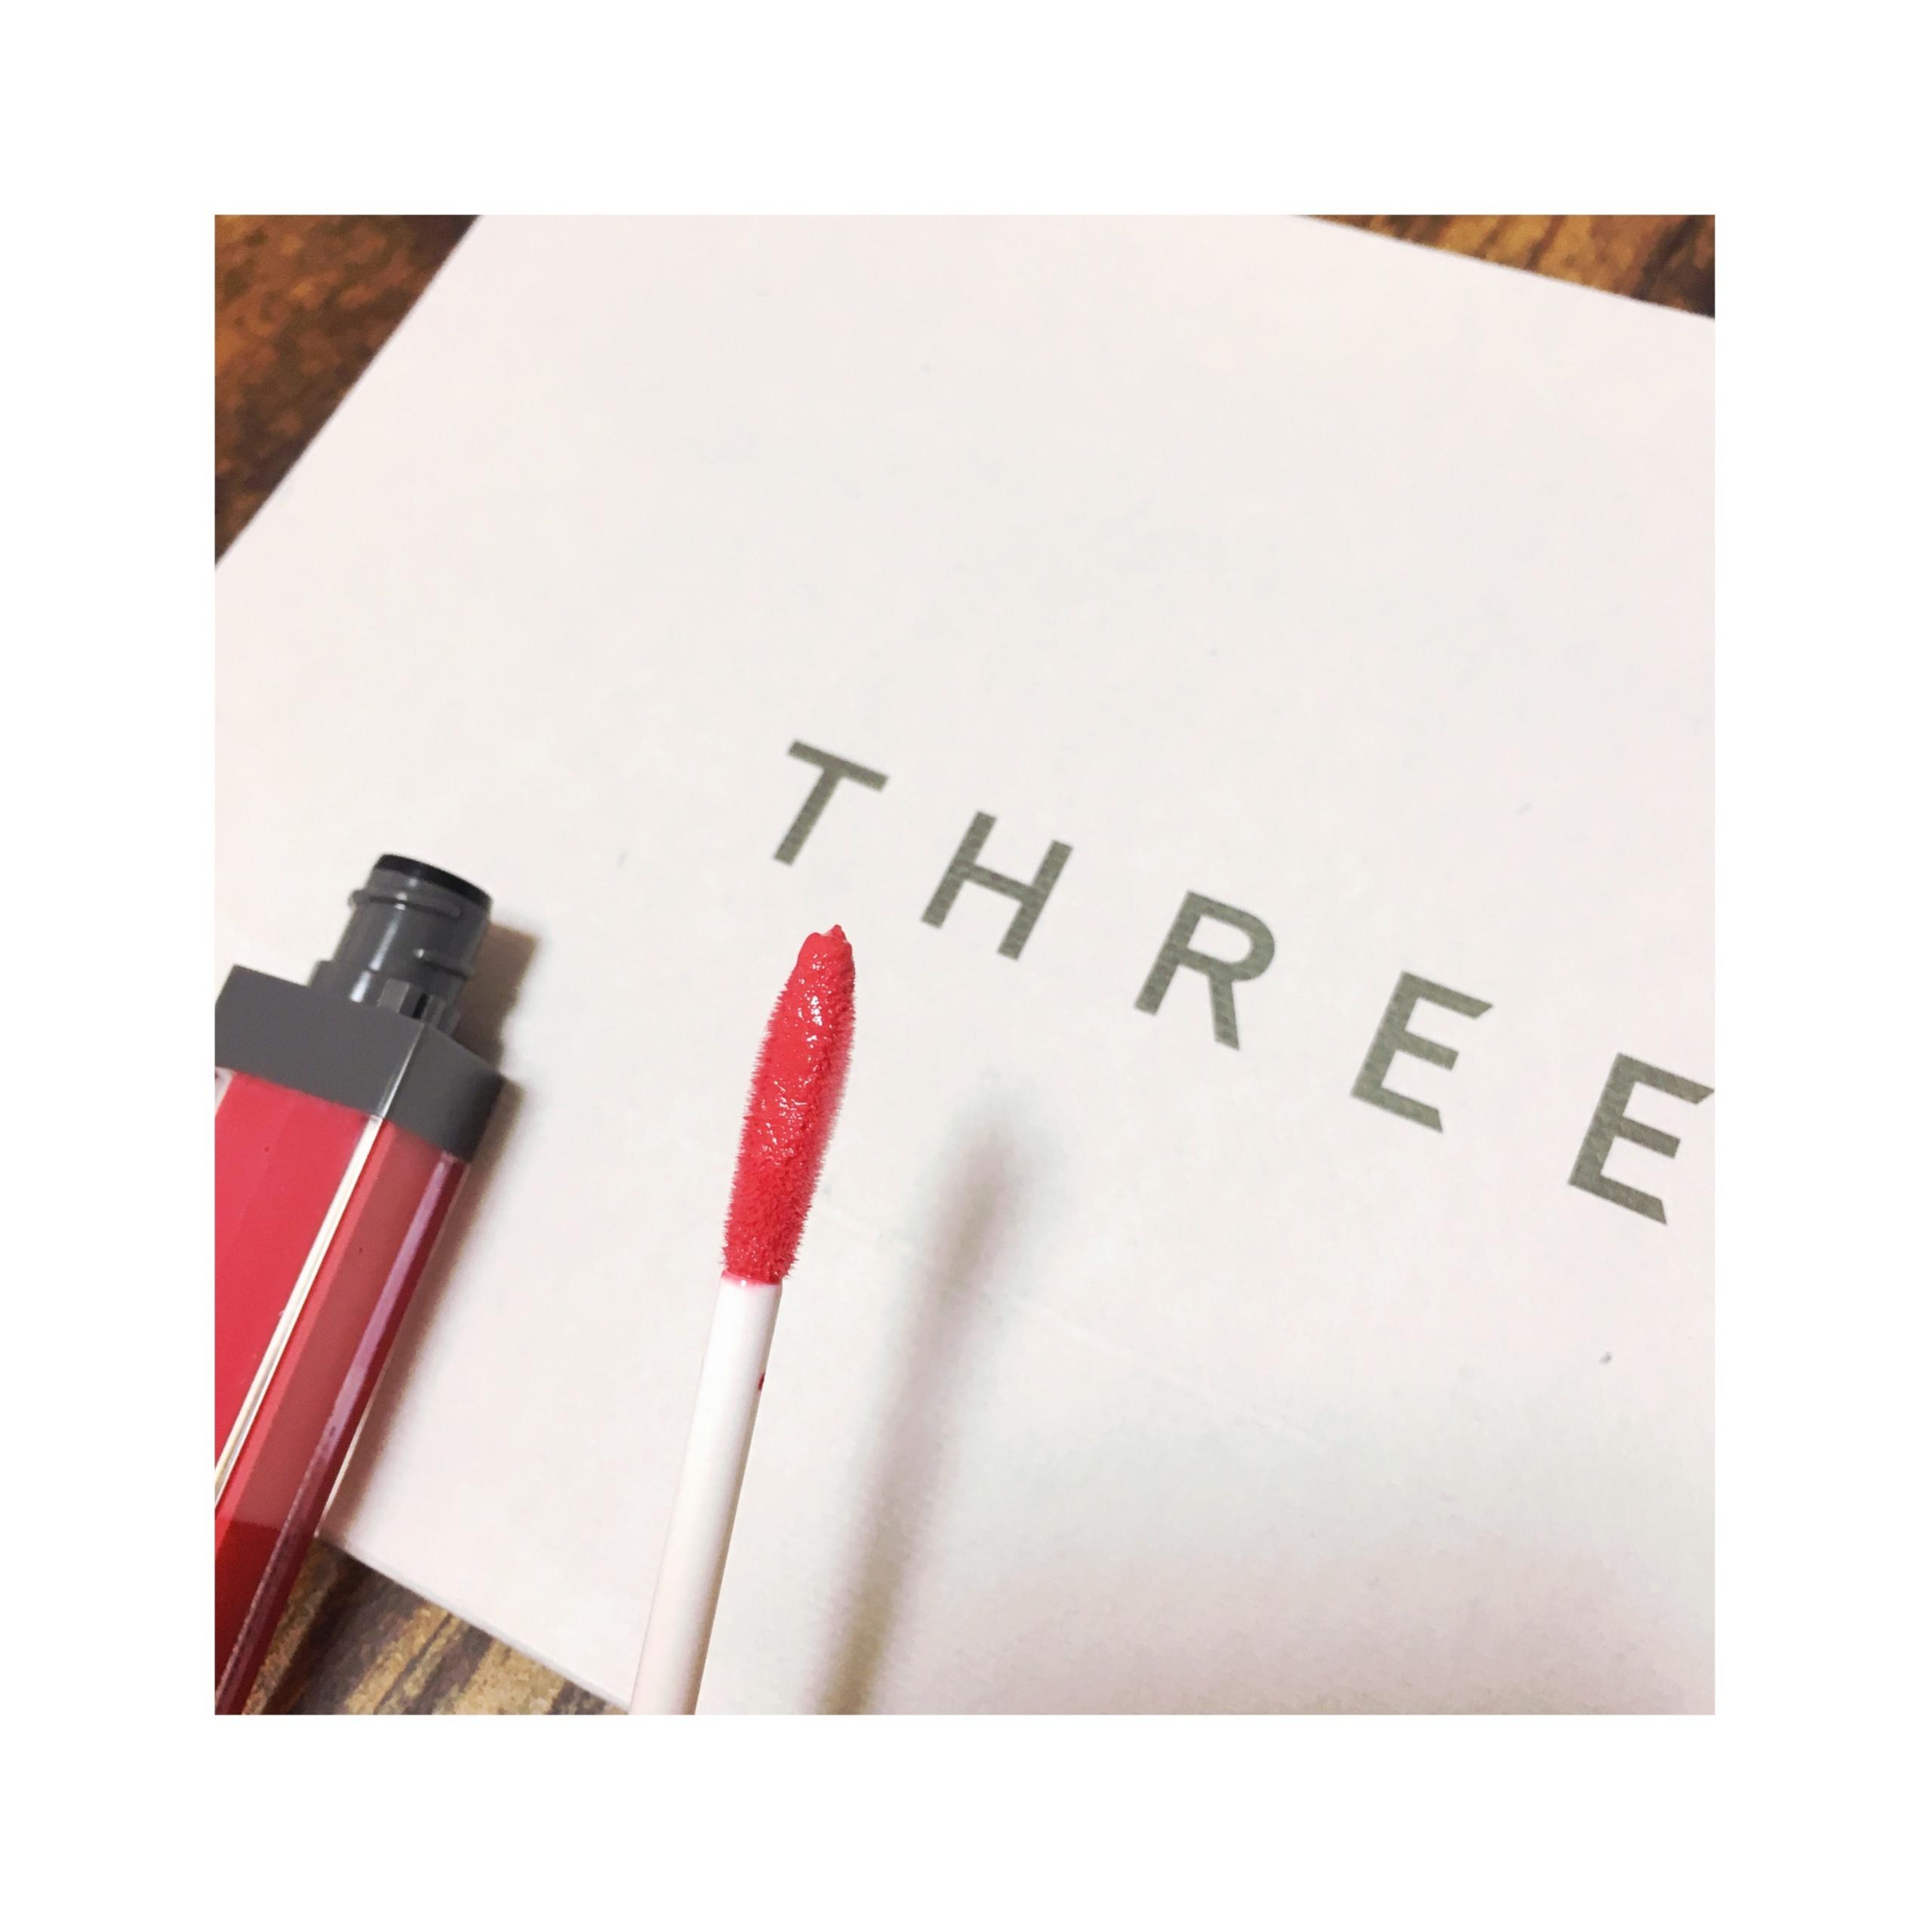 《1/1発売★話題の新作!》【THREE】リリカルリップブルームで春を先取り❤️_2